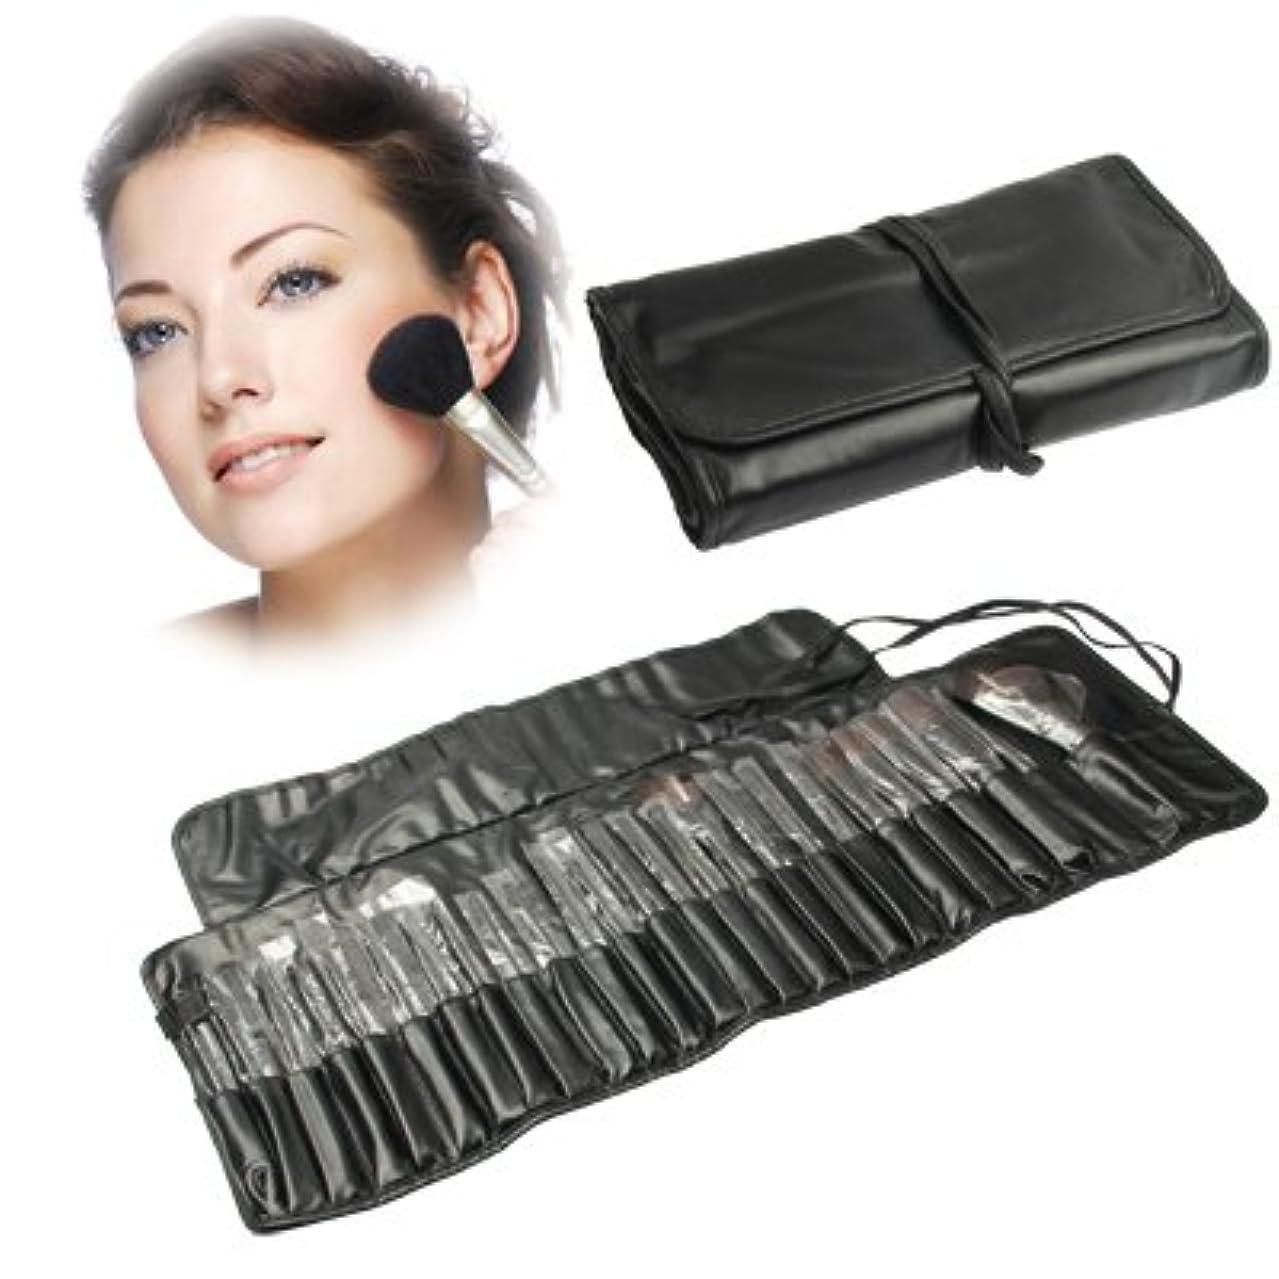 呪われた放射するしかしMEI1JIA QUELLIAプロフェッショナル25pcsメイクブラシセット美容キット化粧品+ PUレザーキャリングケース(ブラック)